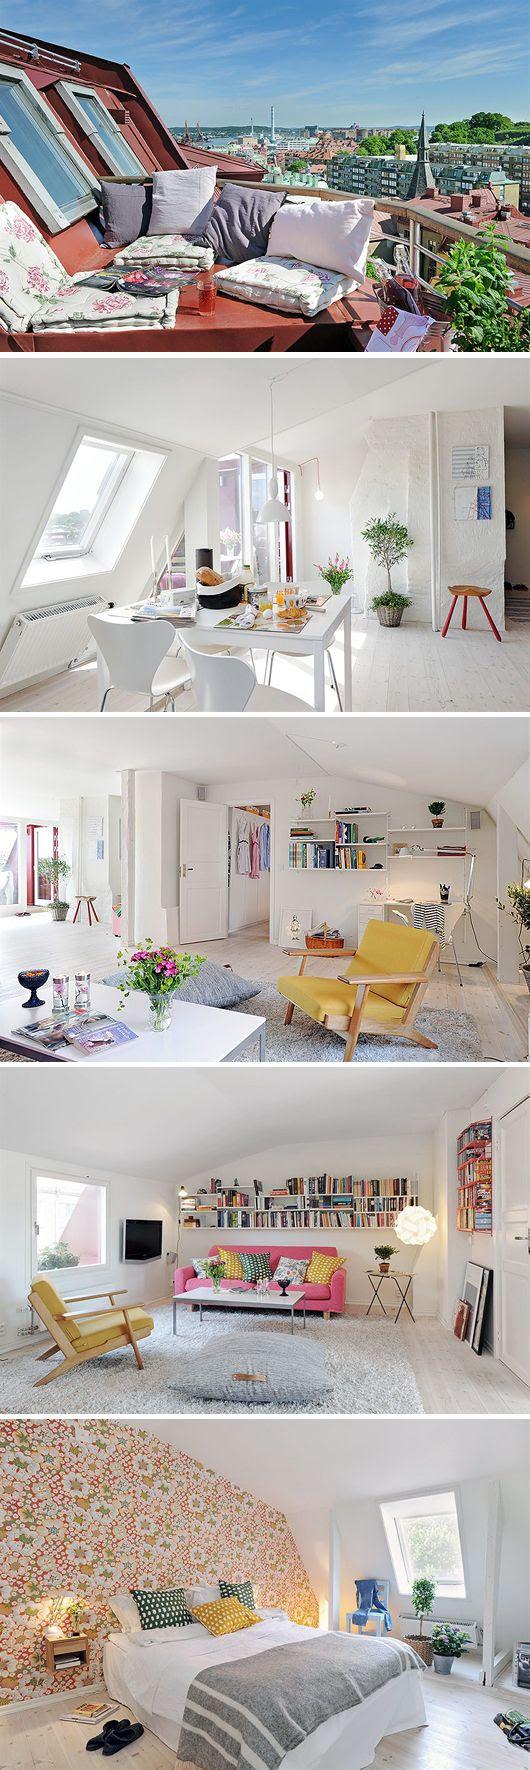 Lovely little loft appt